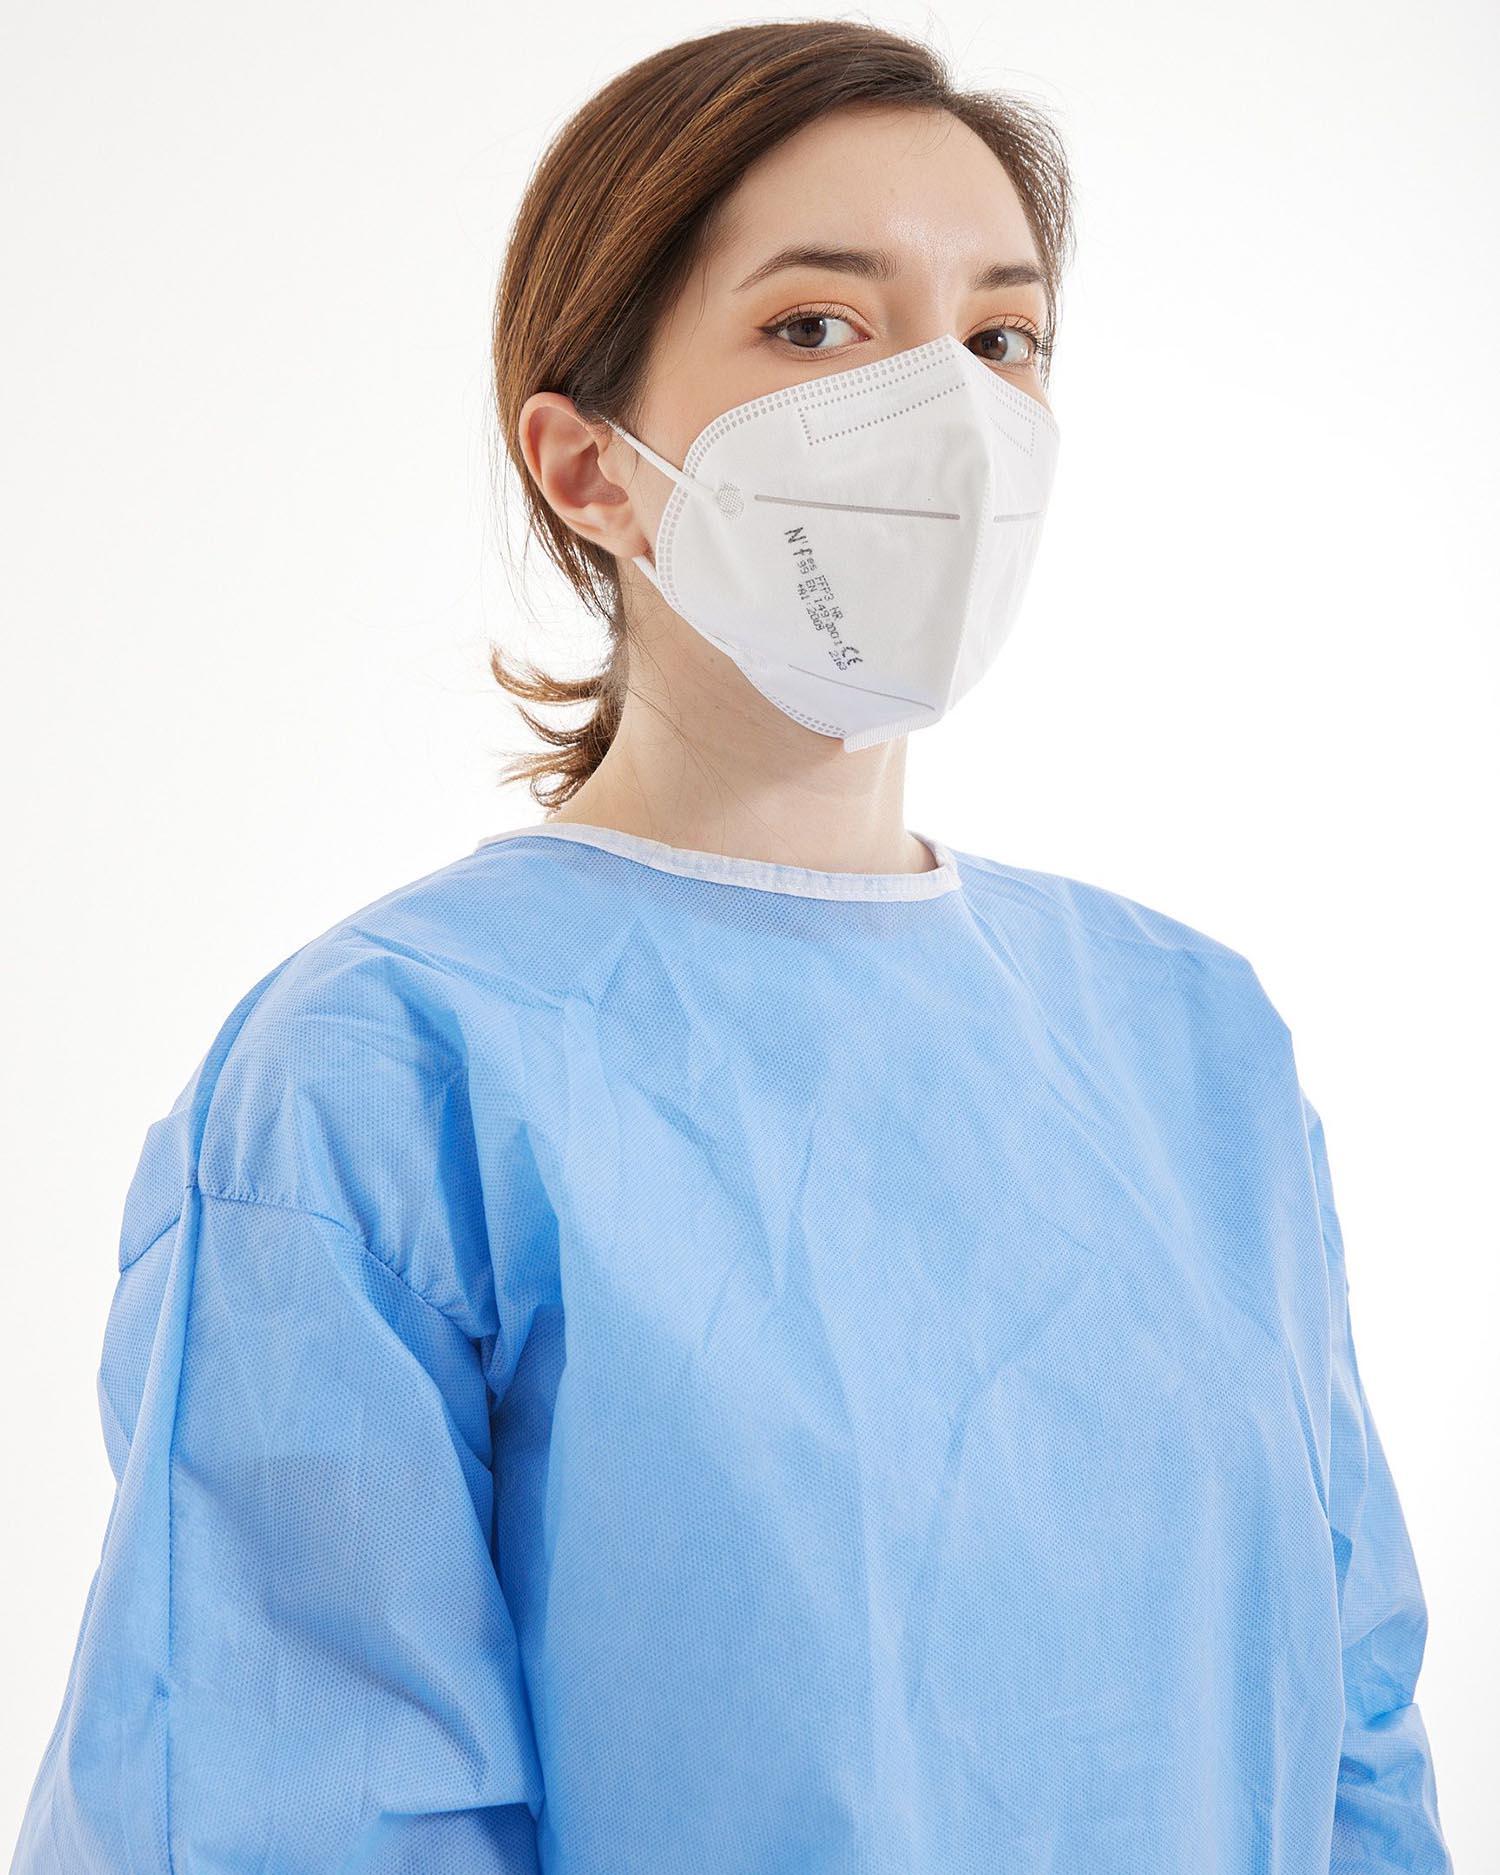 persoonlijke beschermingsmiddelen - mondmasker